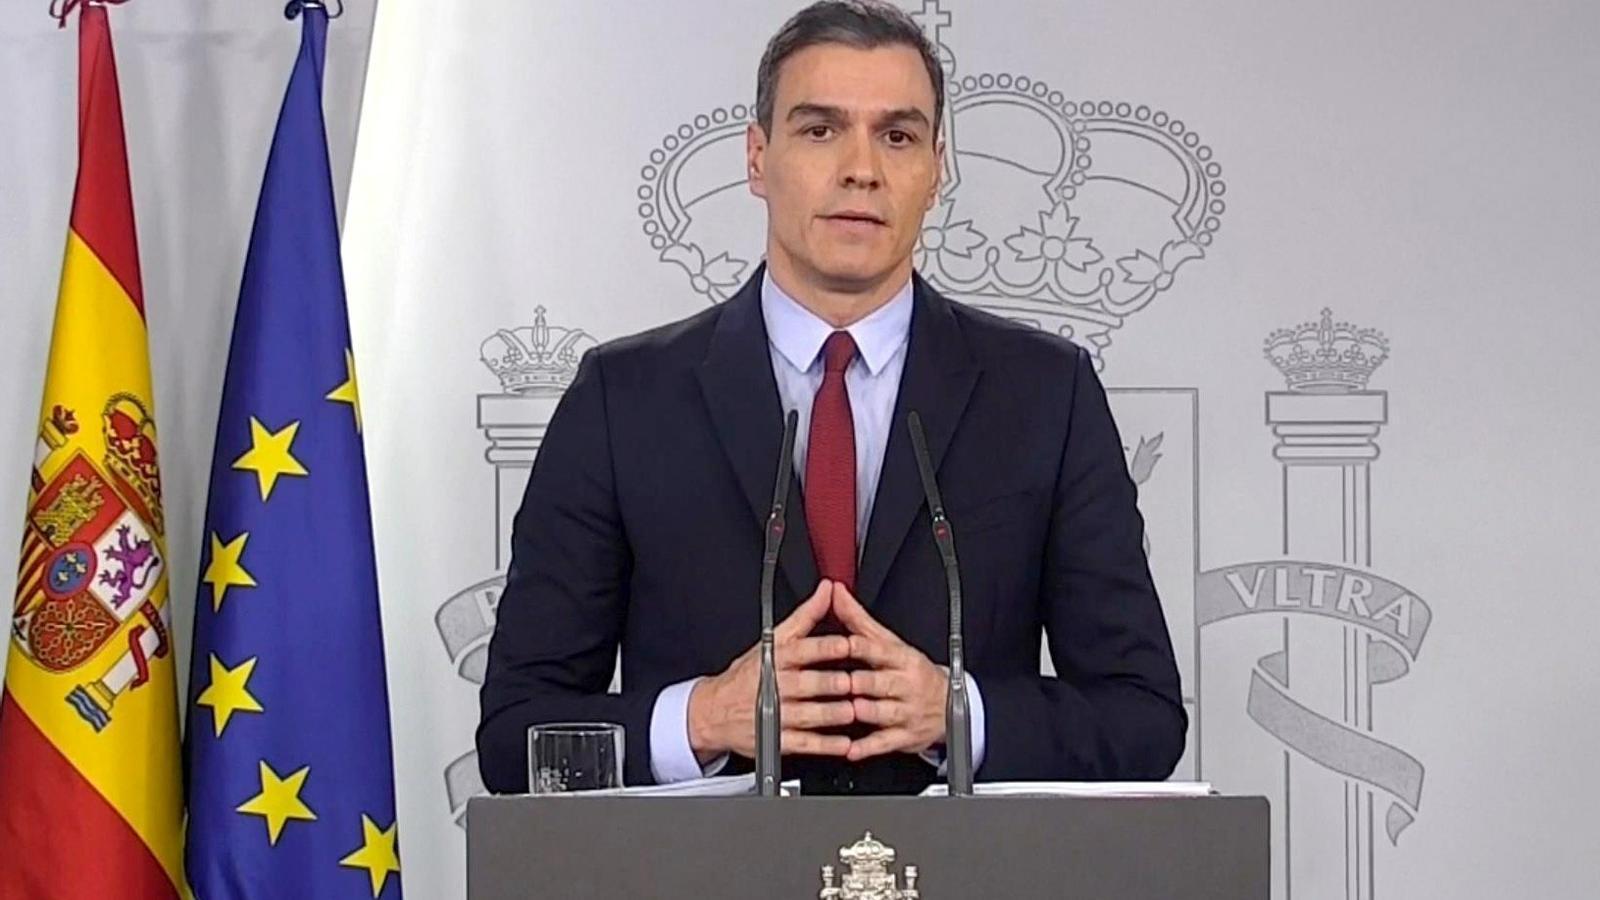 El govern espanyol juga amb foc amb l'estat d'alarma